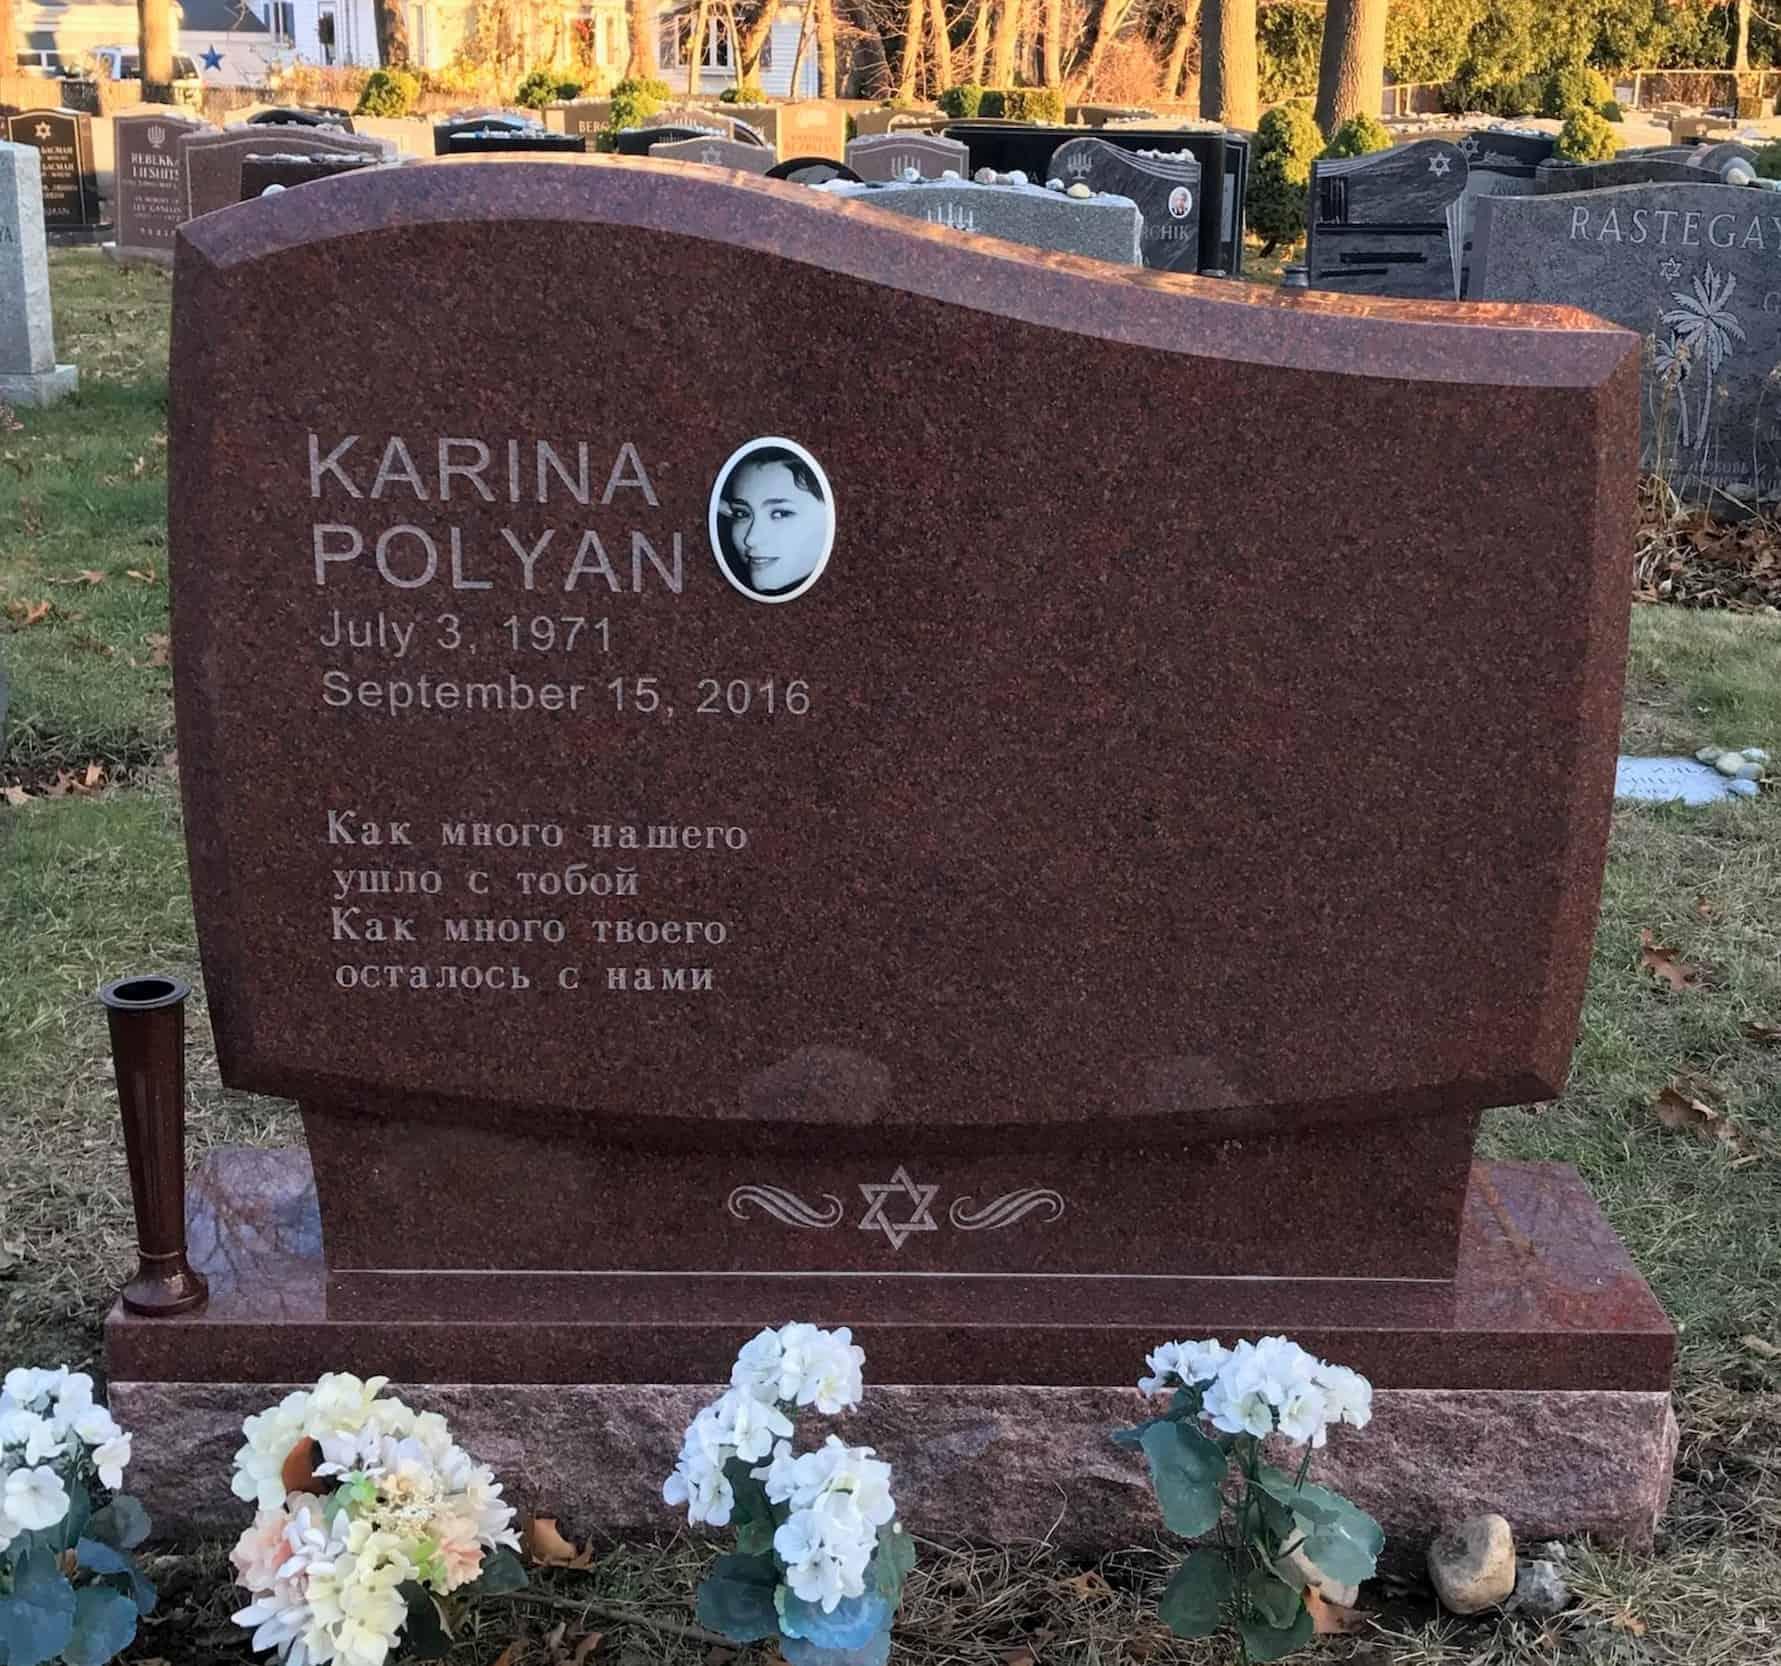 Polyan-set